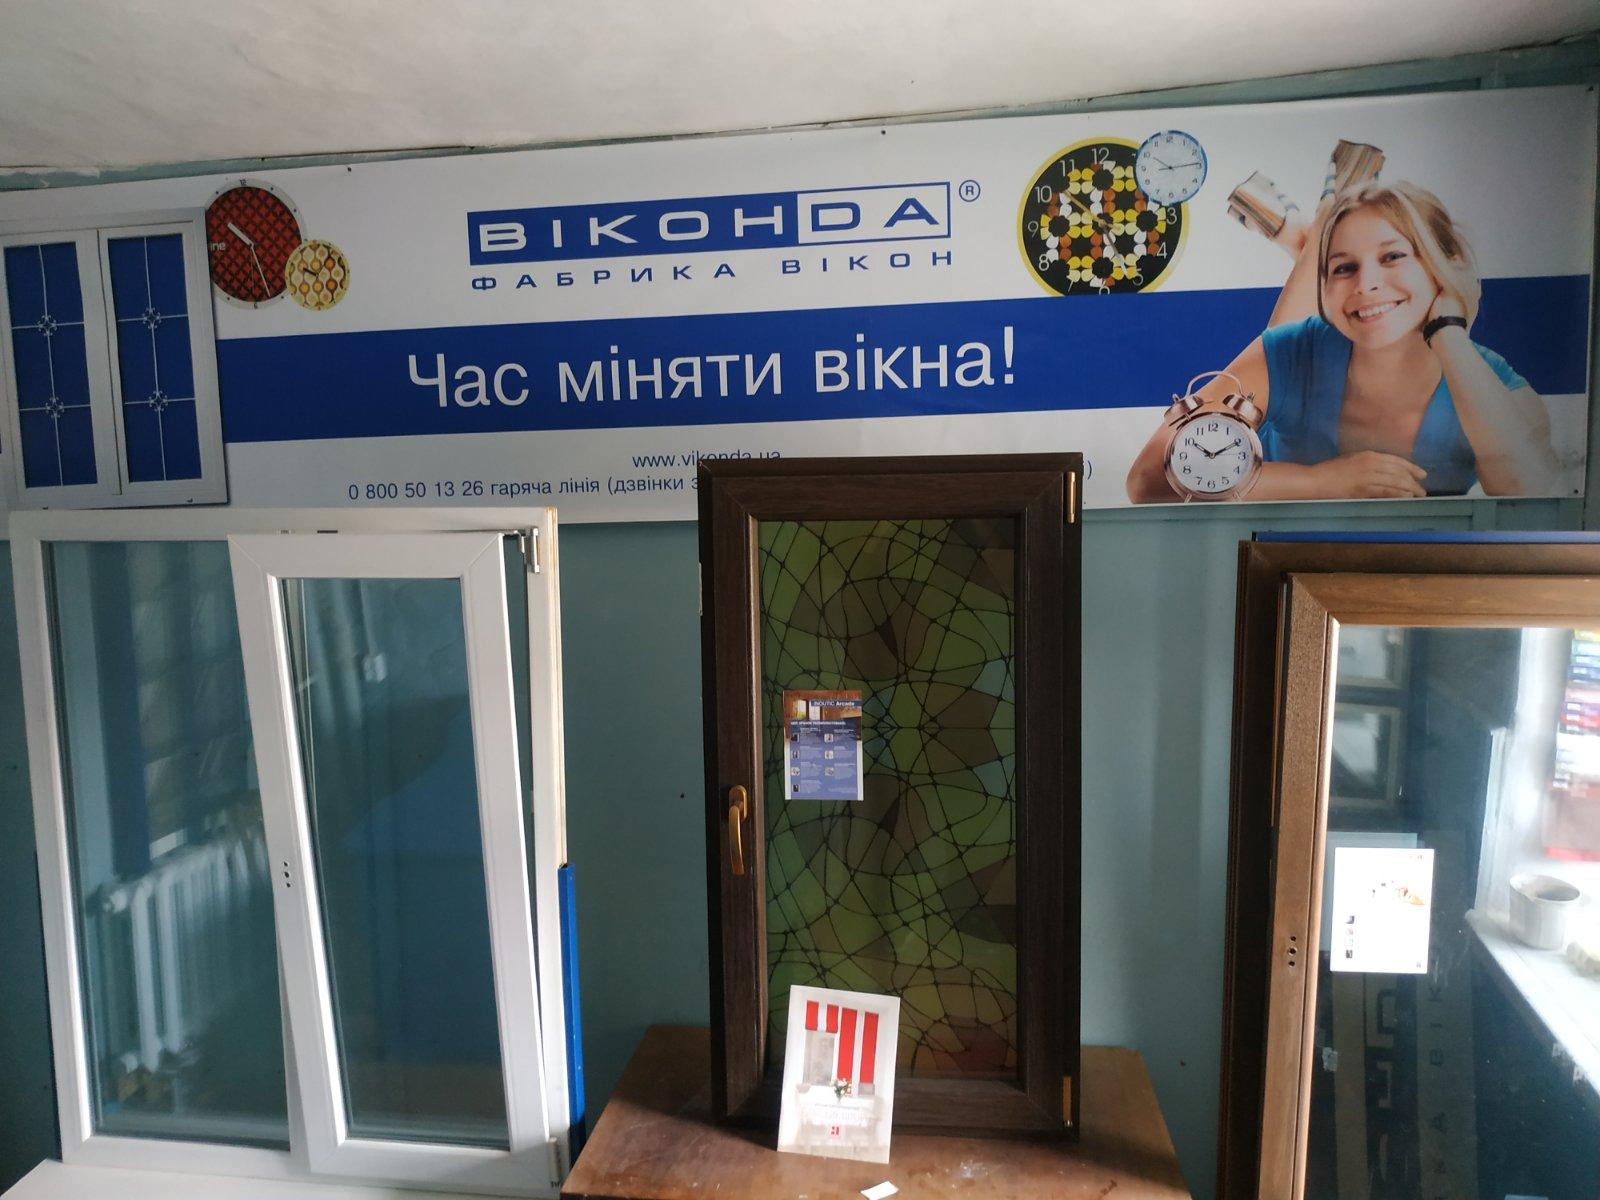 салон Віконда в Семенівці